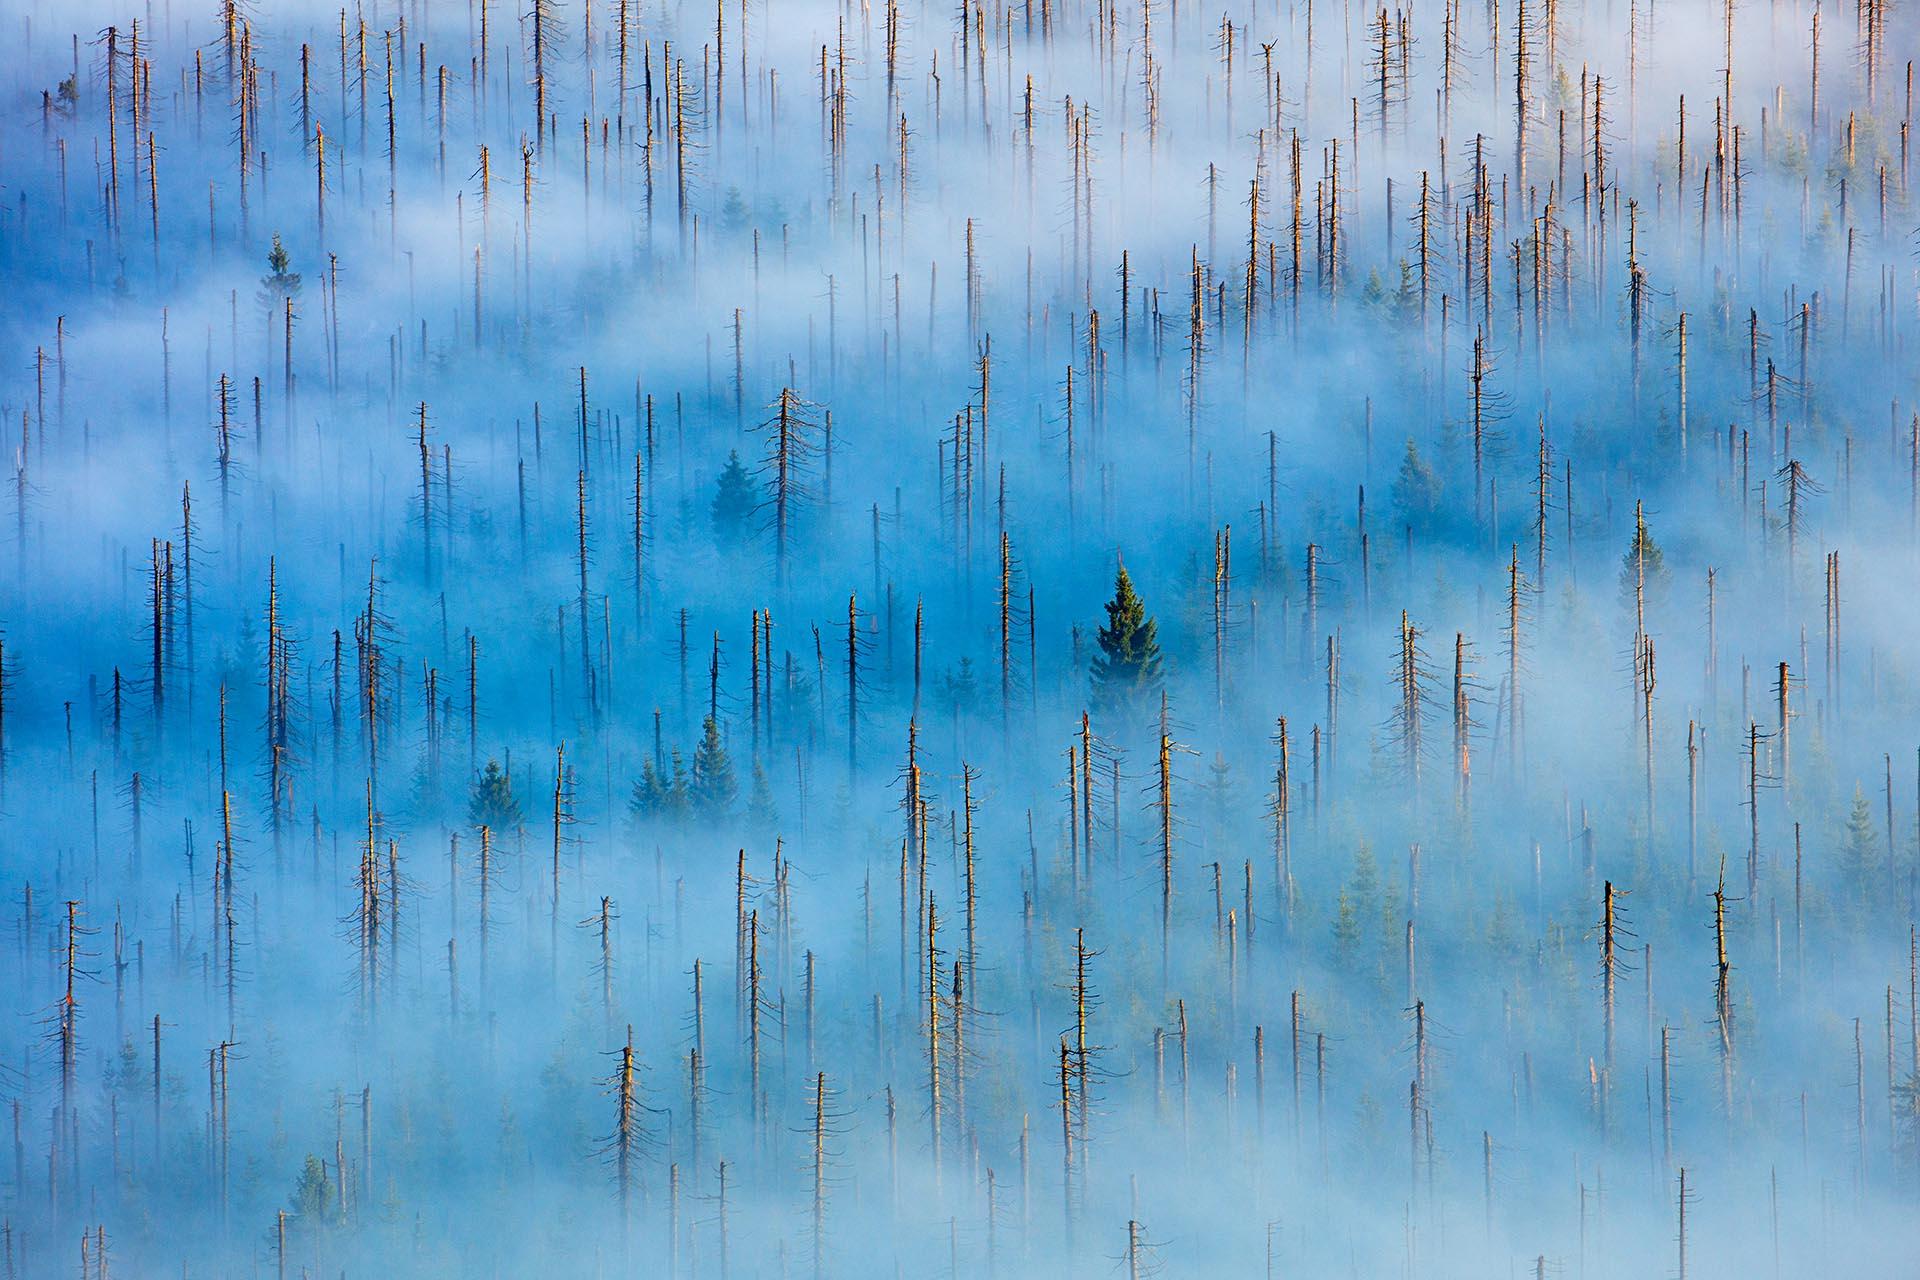 C4 Plants and fungi Winner Radomir Jakubowski - Nature Photographer of the Year